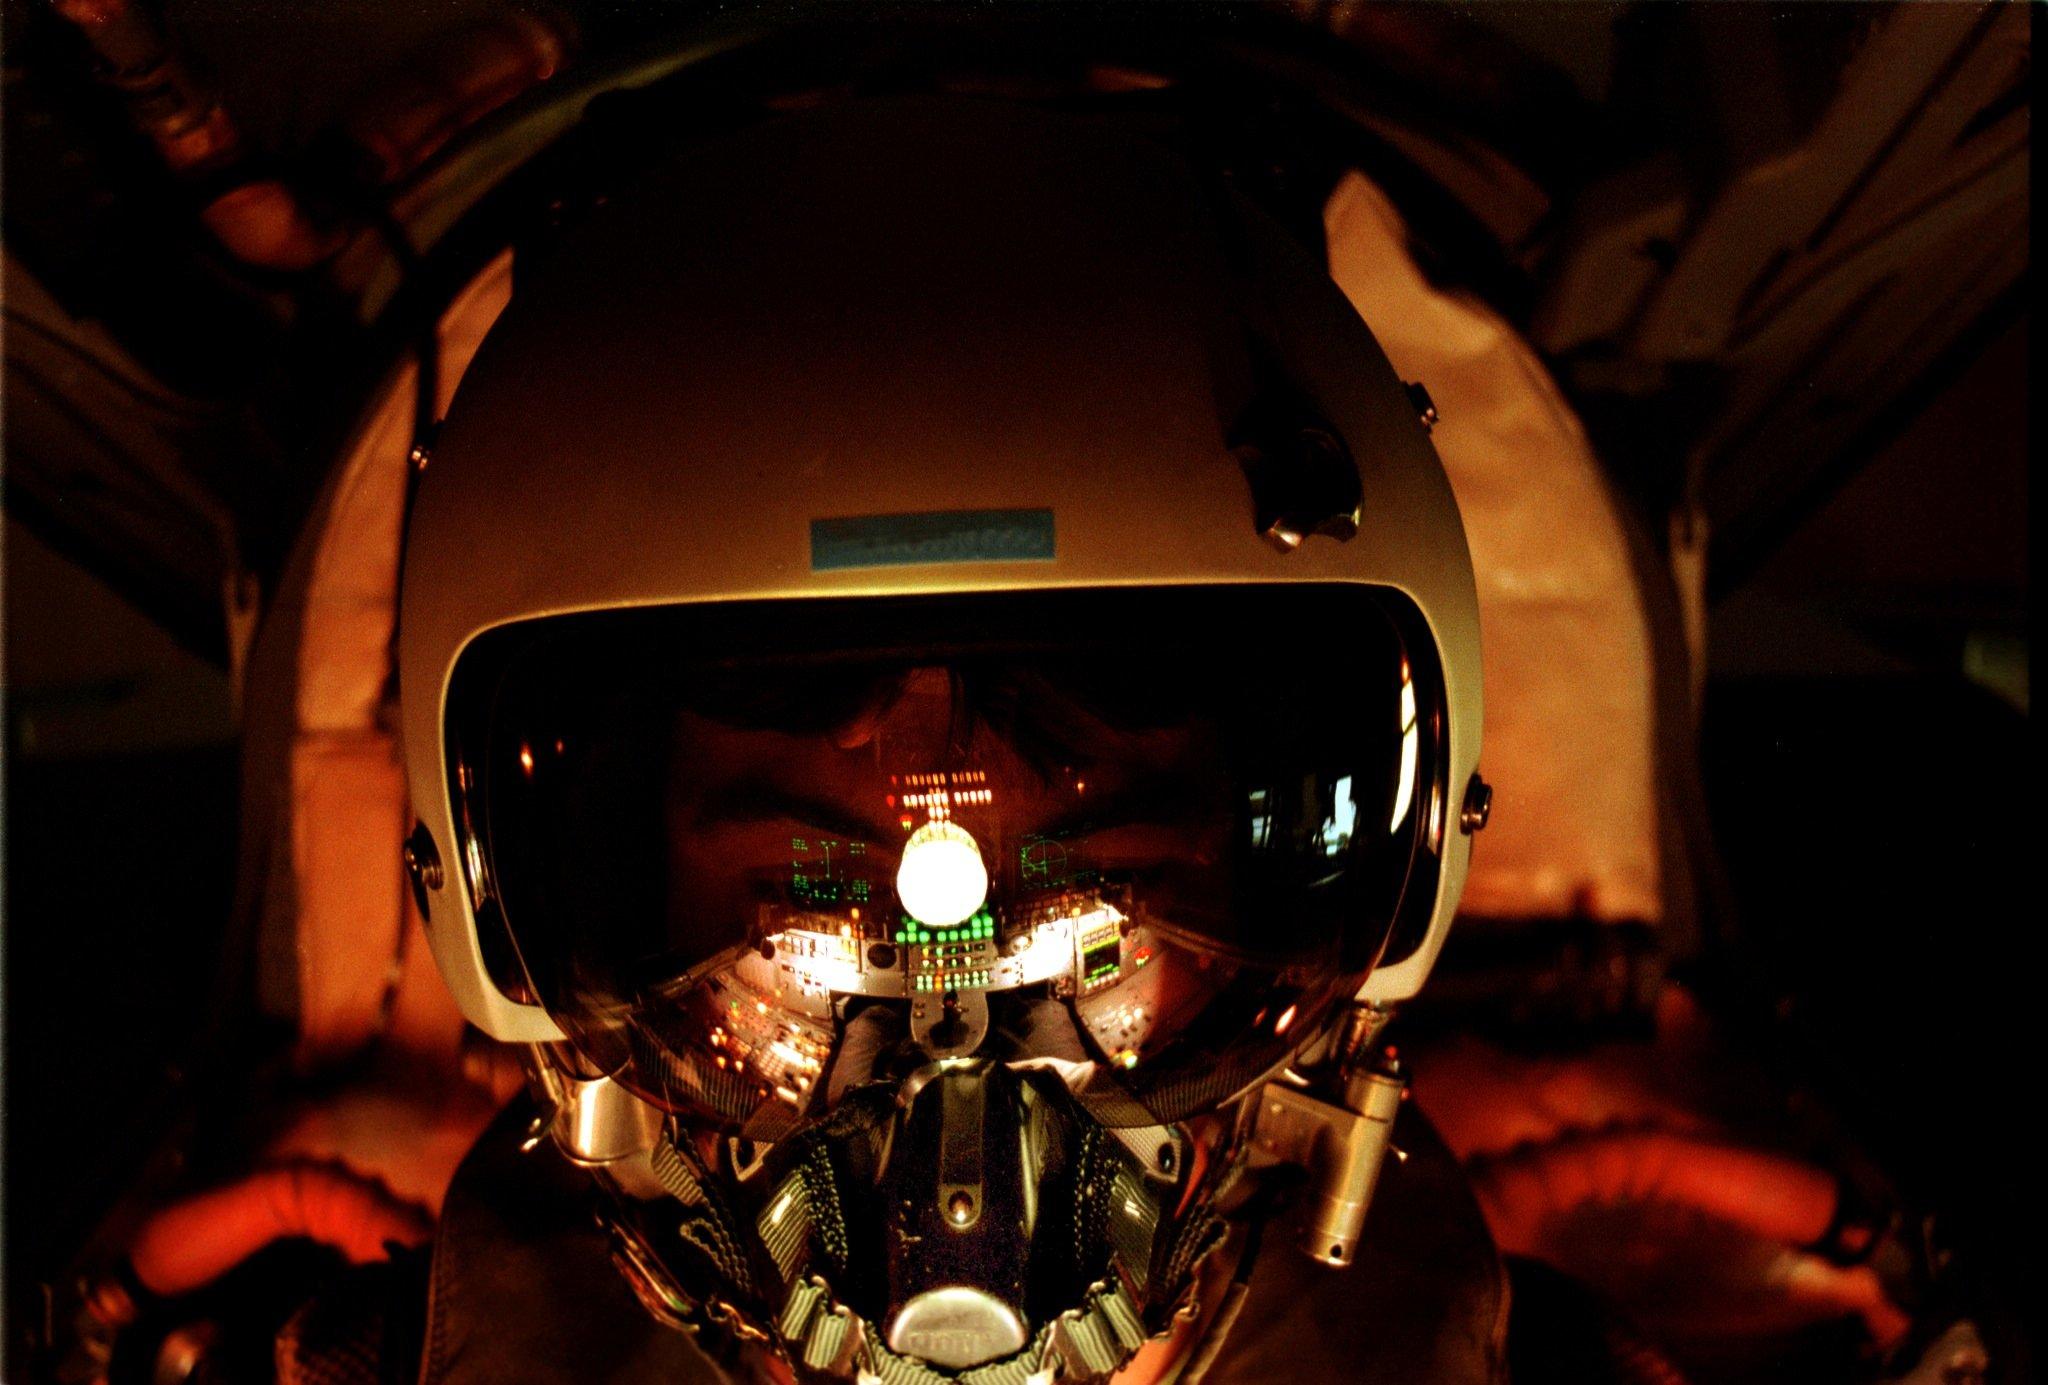 Die Cockpitbeleuchtung in einem Tornados spiegelt sich im Visier des Helms des Piloten: Die Cockpitbeleuchtung stört die Piloten so stark, dass die Tornados der Bundeswehr keine nächtlichen Aufklärungsflüge gegen den IS unternehmen.